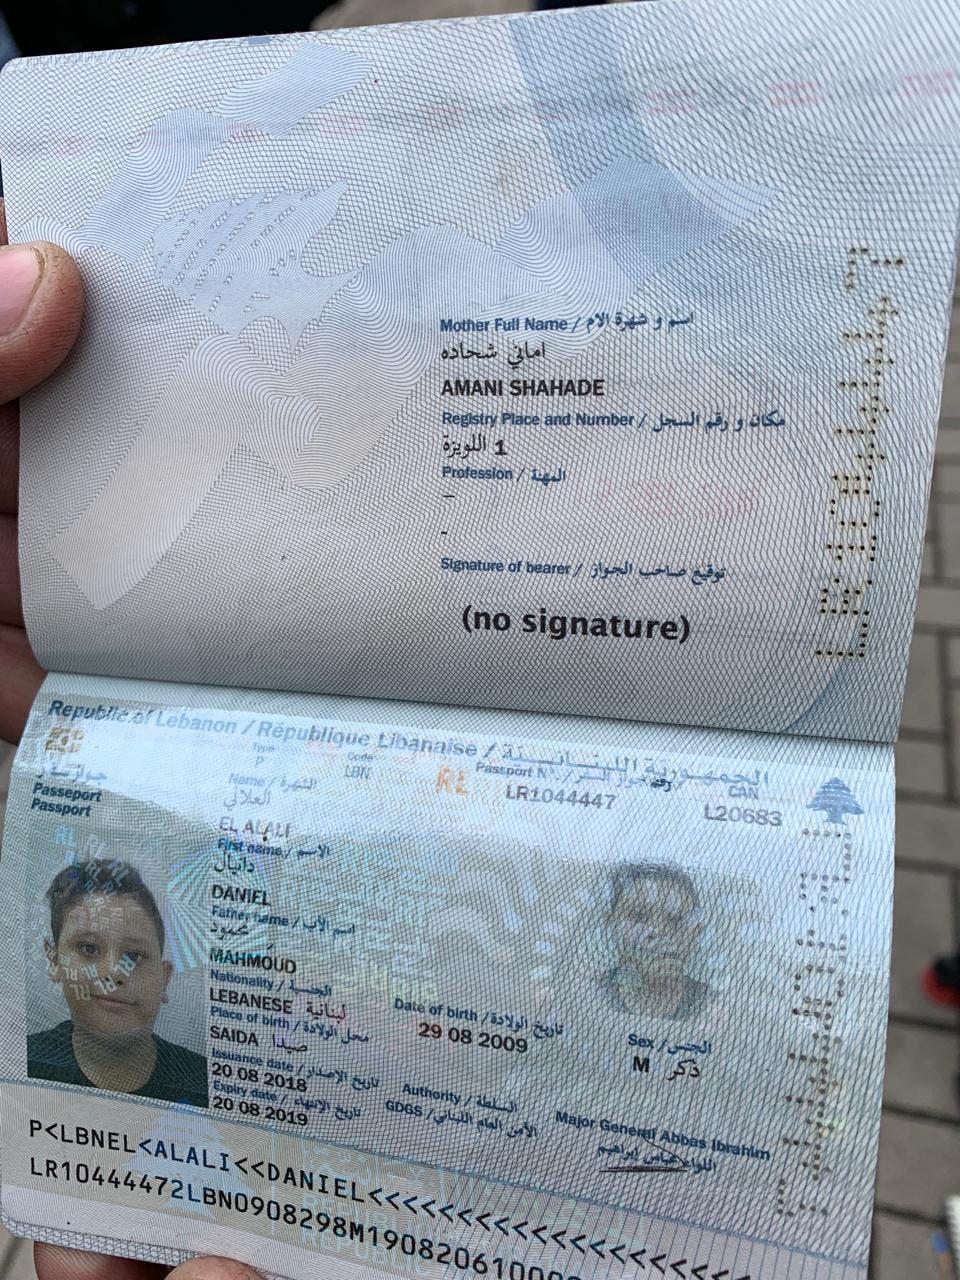 صورة جواز سفر الطفل اللبناني دانيال